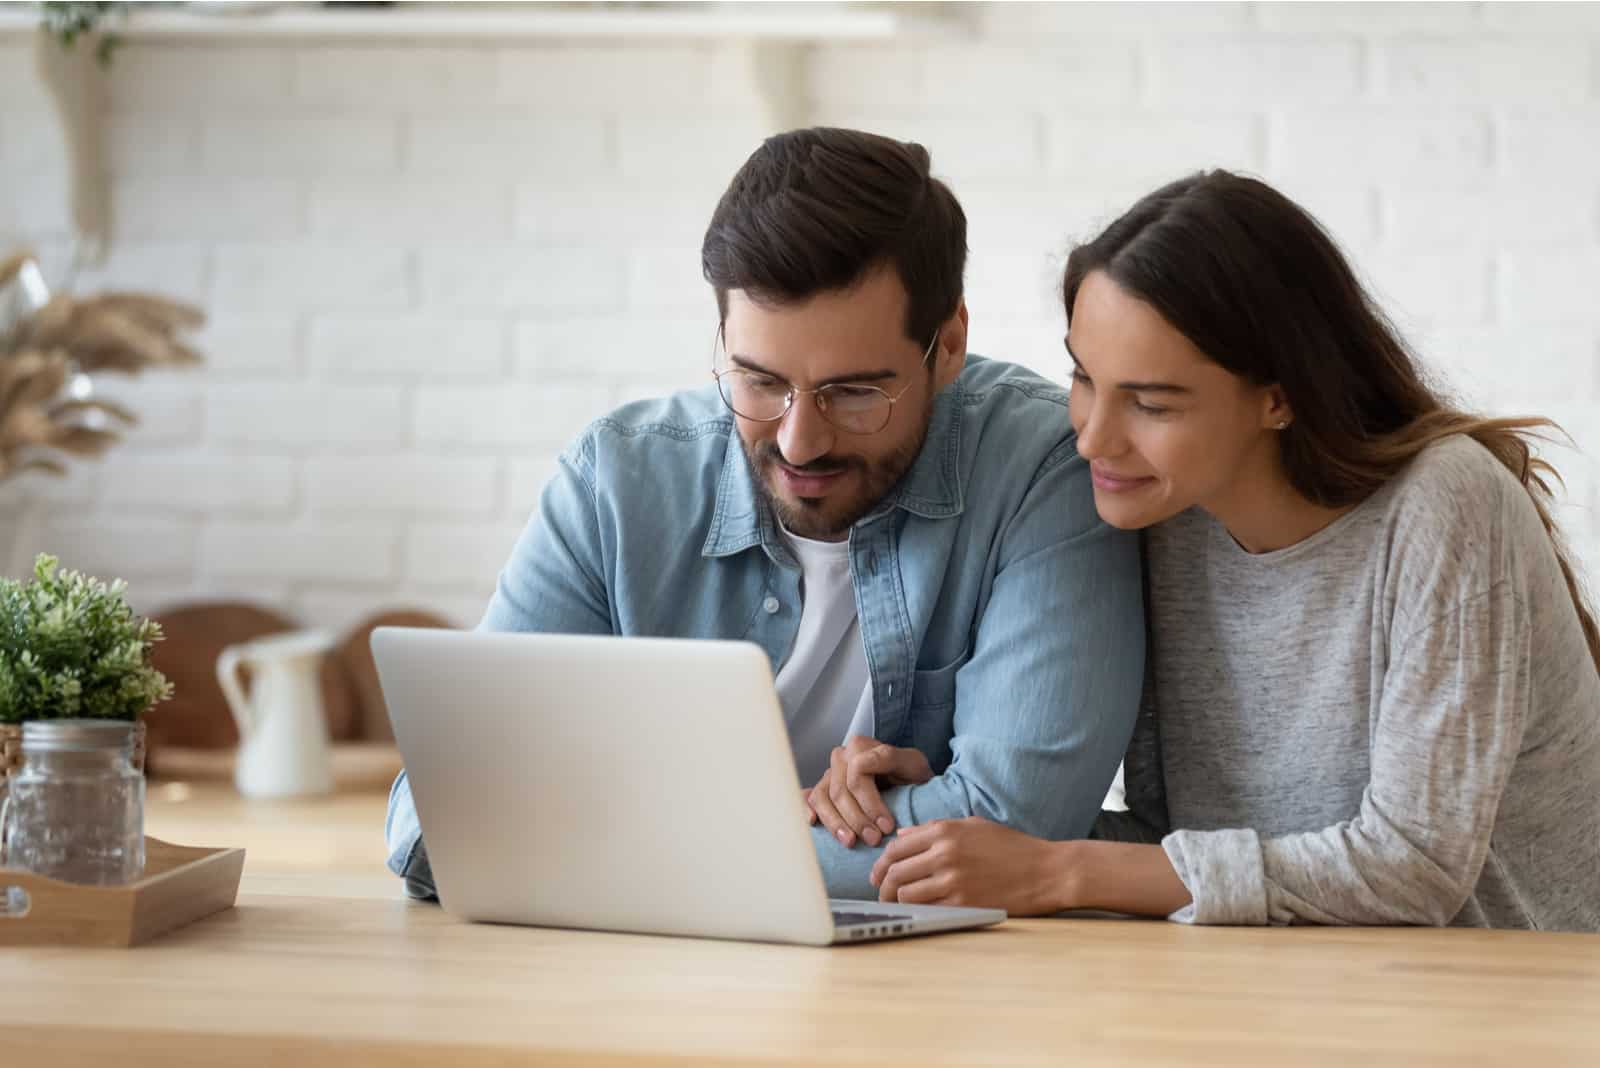 Paar sitzt und schaut auf Laptop-Bildschirm